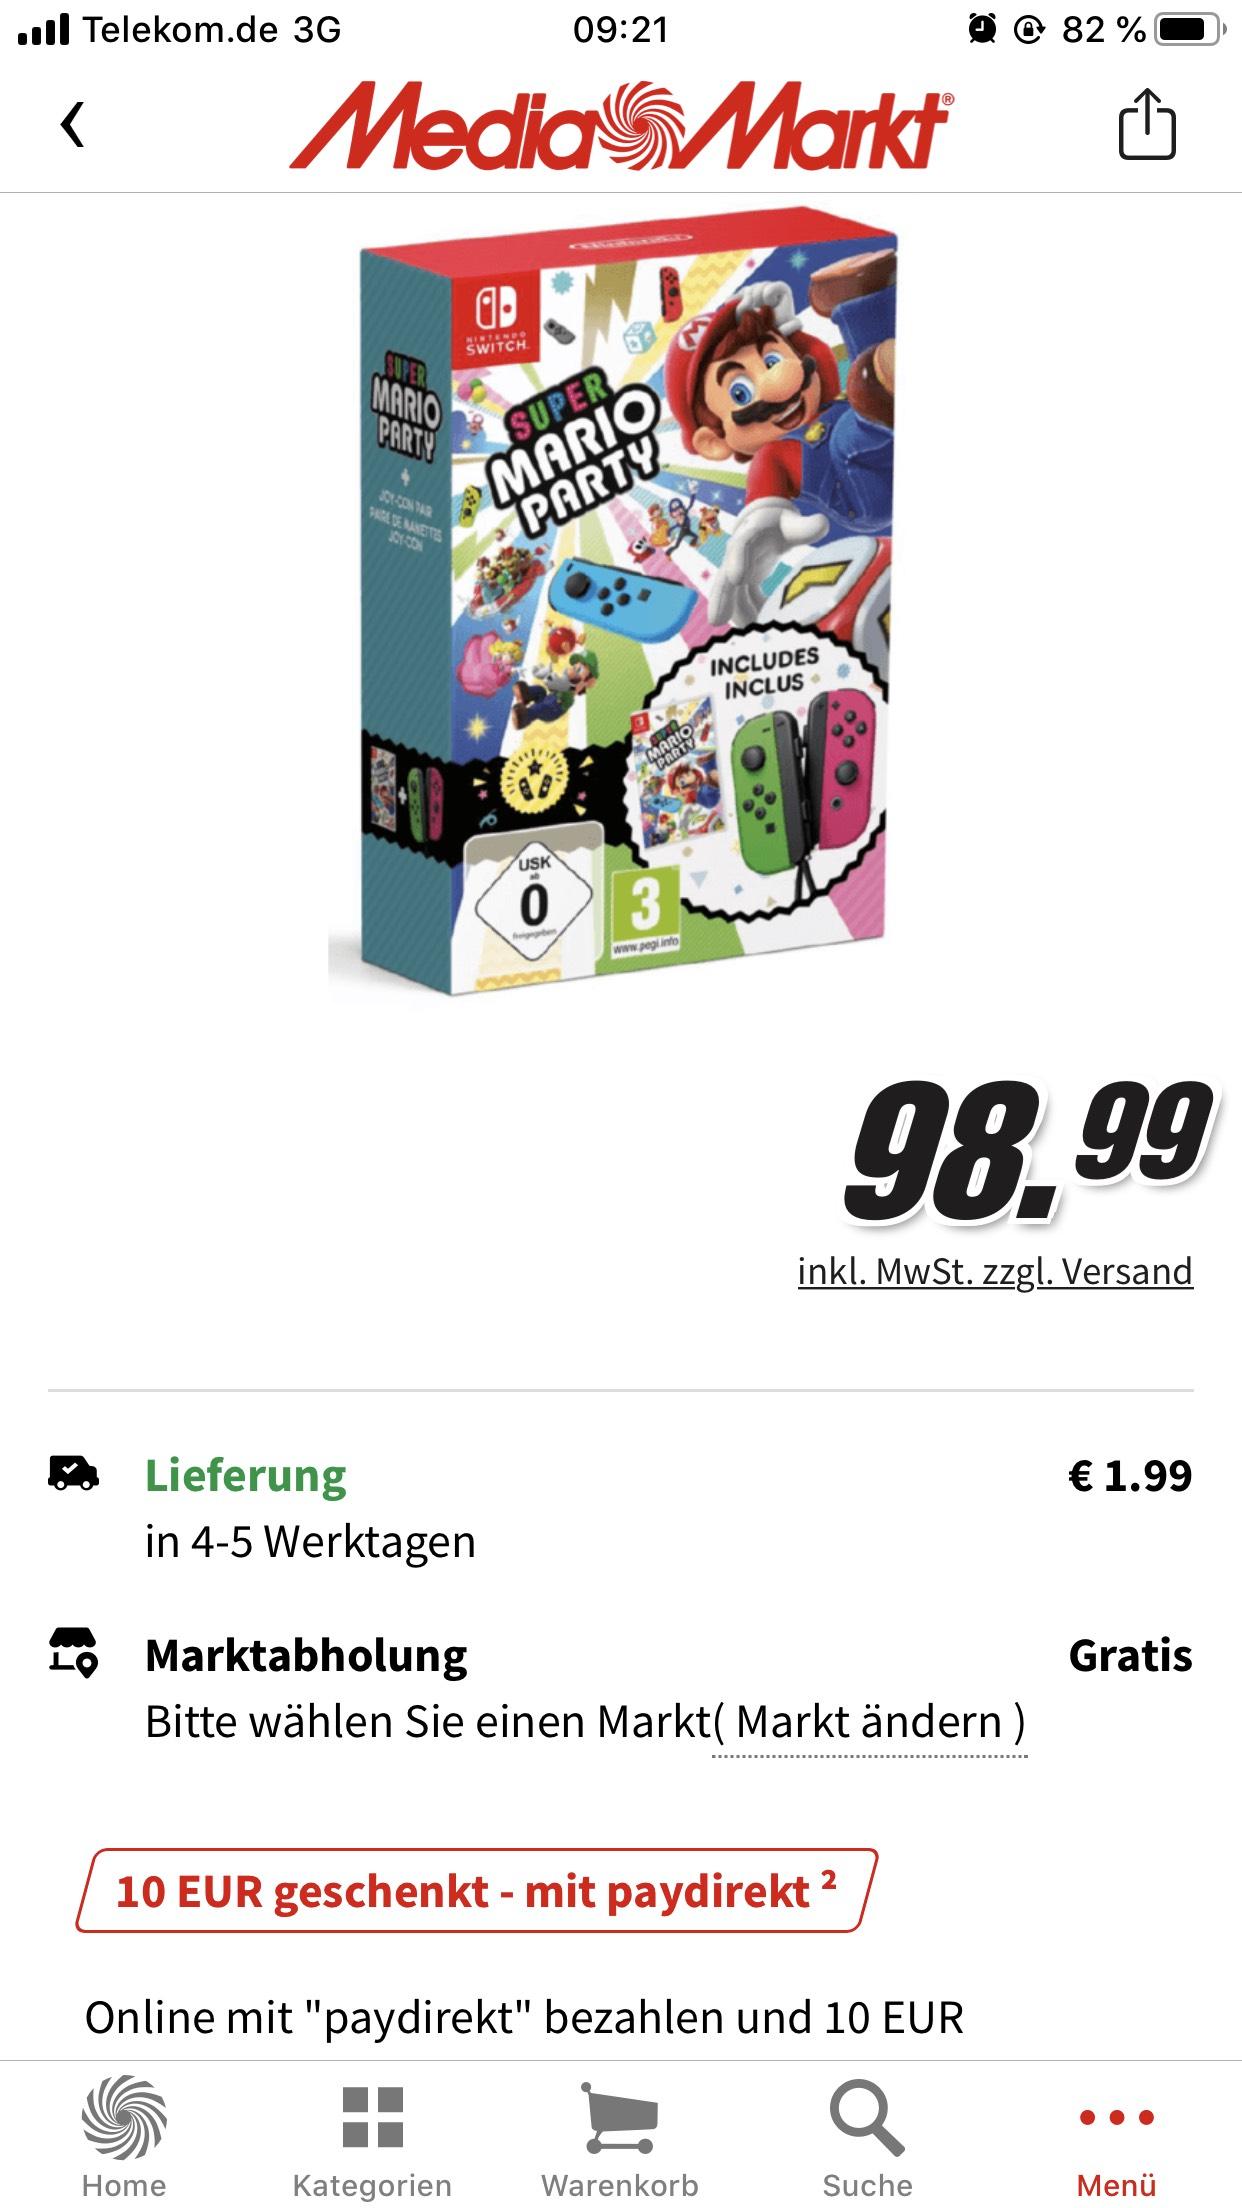 Super Mario Party + Joy-Con Set [Nintendo Switch] 10€ Paydirekt und 5€ Clubmitglied Willkommensrabatt